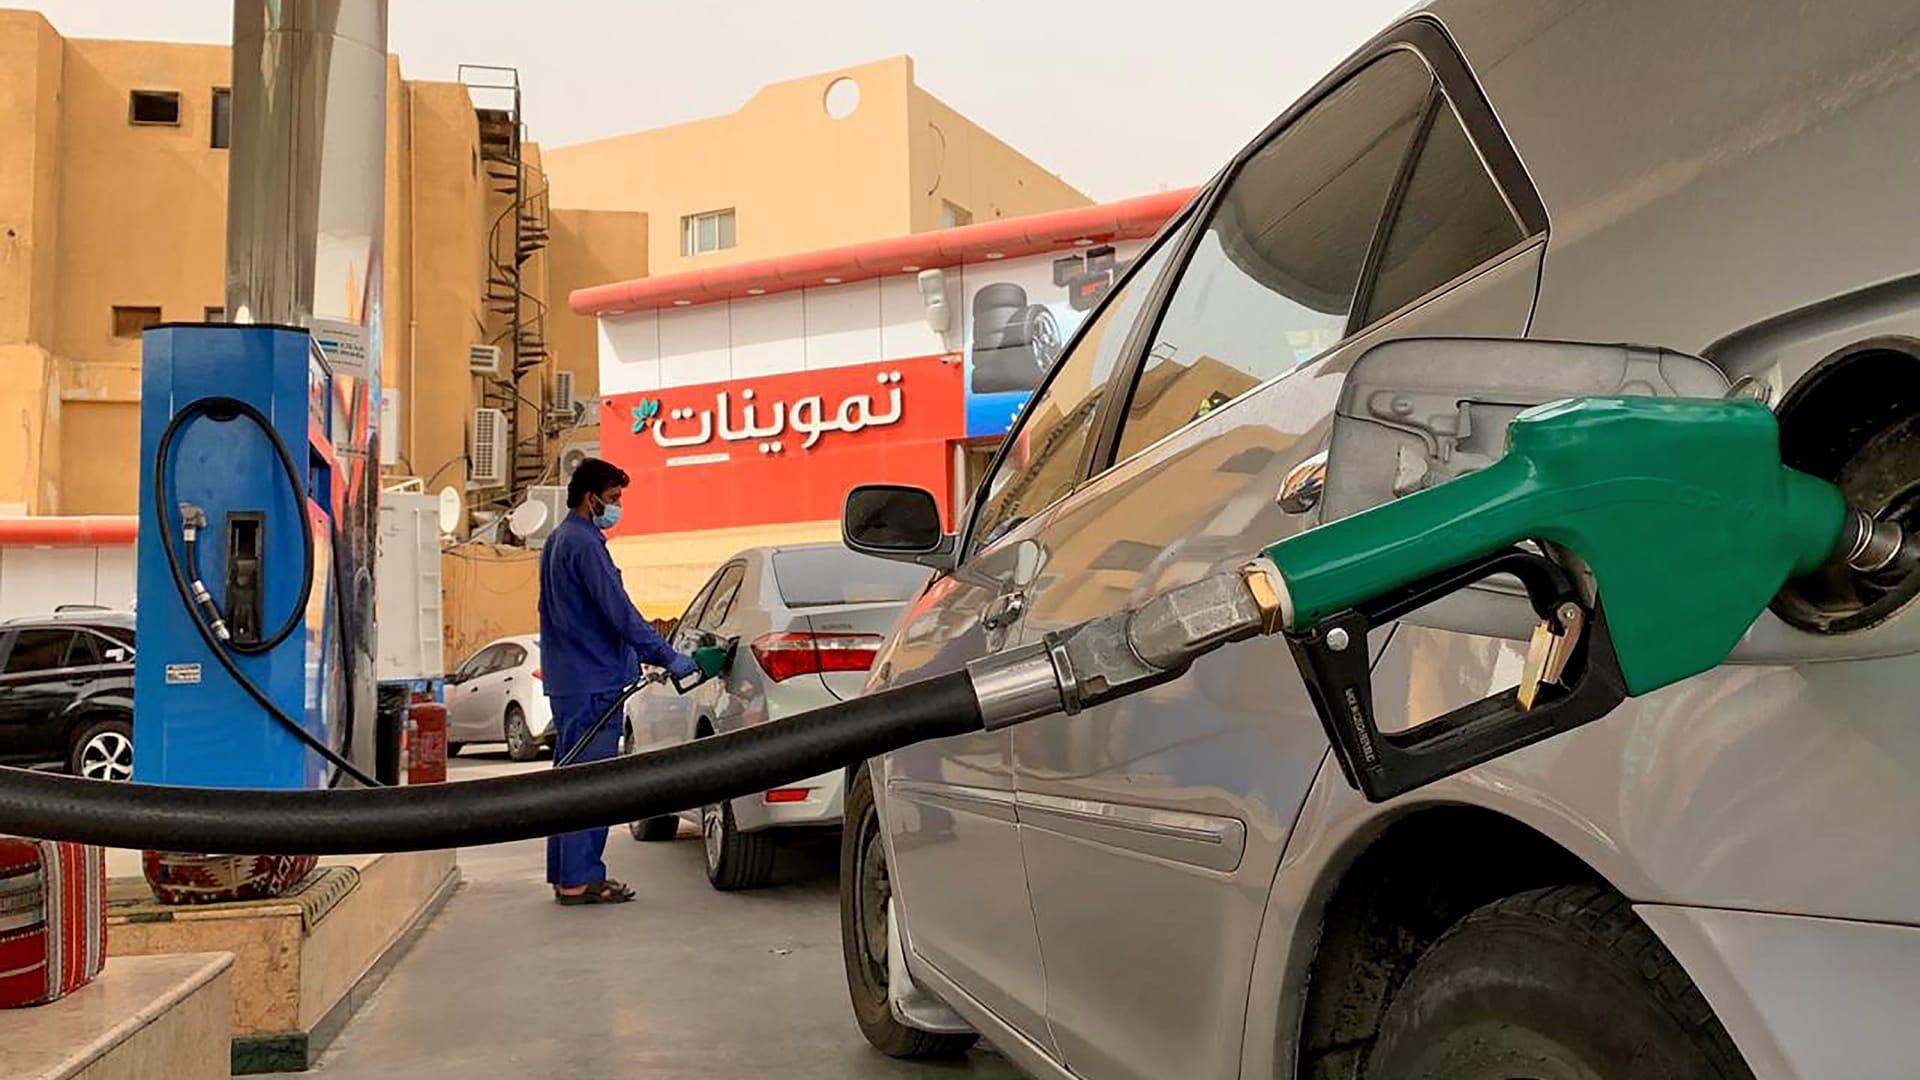 تراجع أرباح أرامكو السعودية وخفض إنتاج النفط.. كيف تأثرت المملكة بفيروس كورونا؟